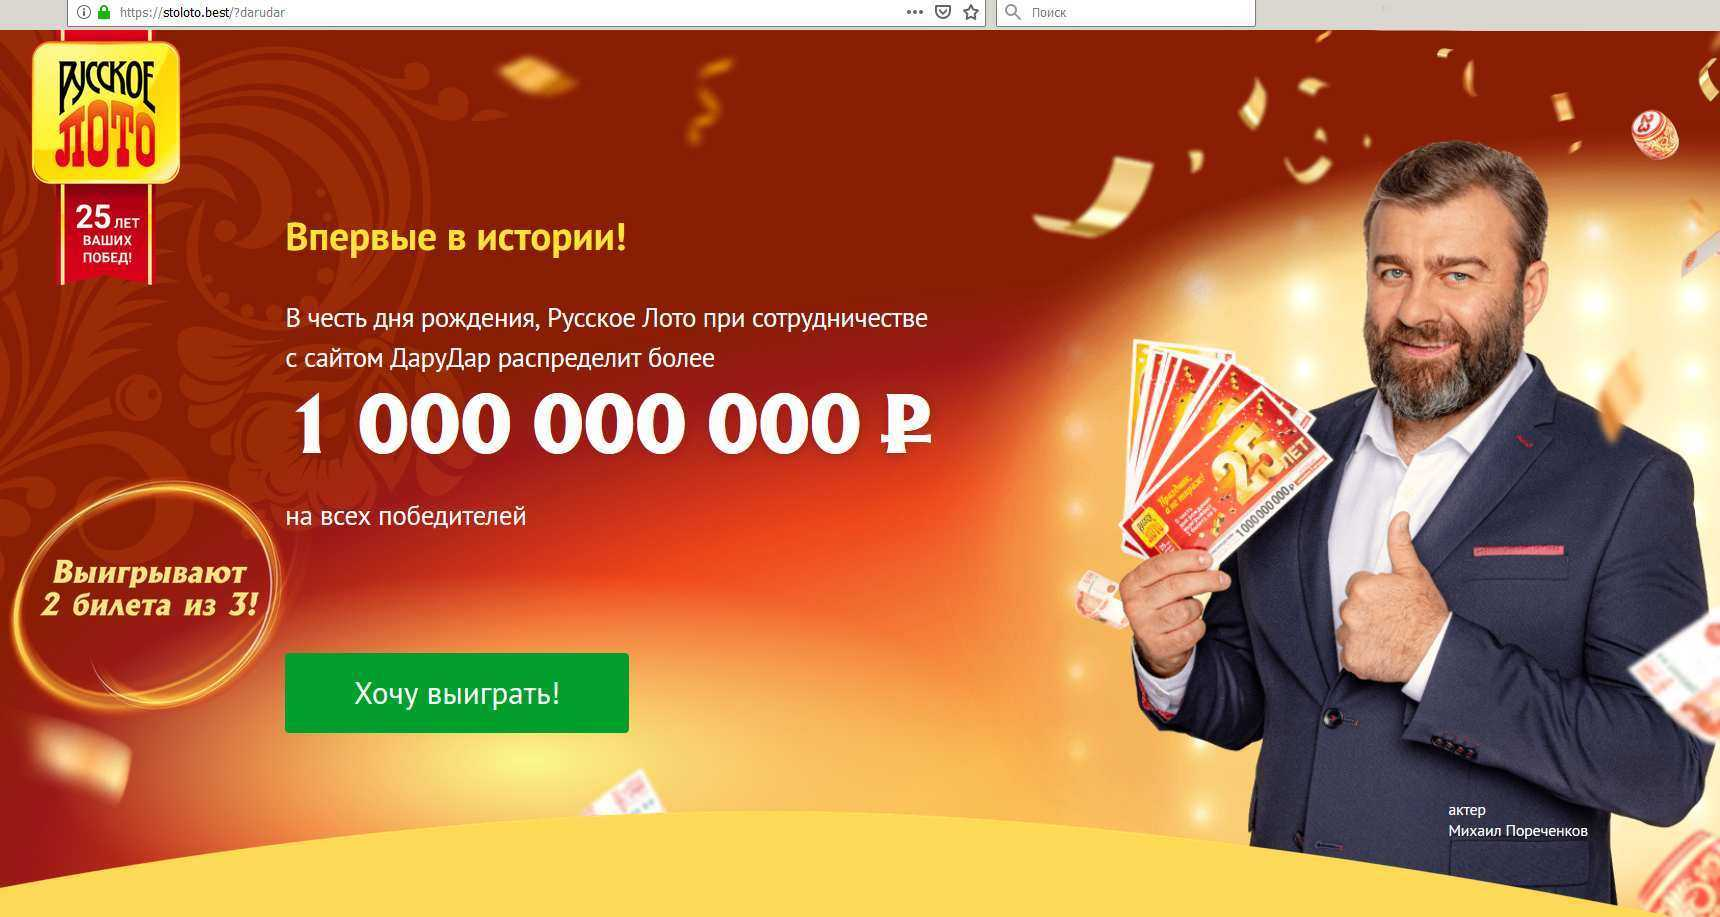 [лохотрон] ros-loto02.buzz/paysend.html – отзывы, мошенники! российское лото - vannews